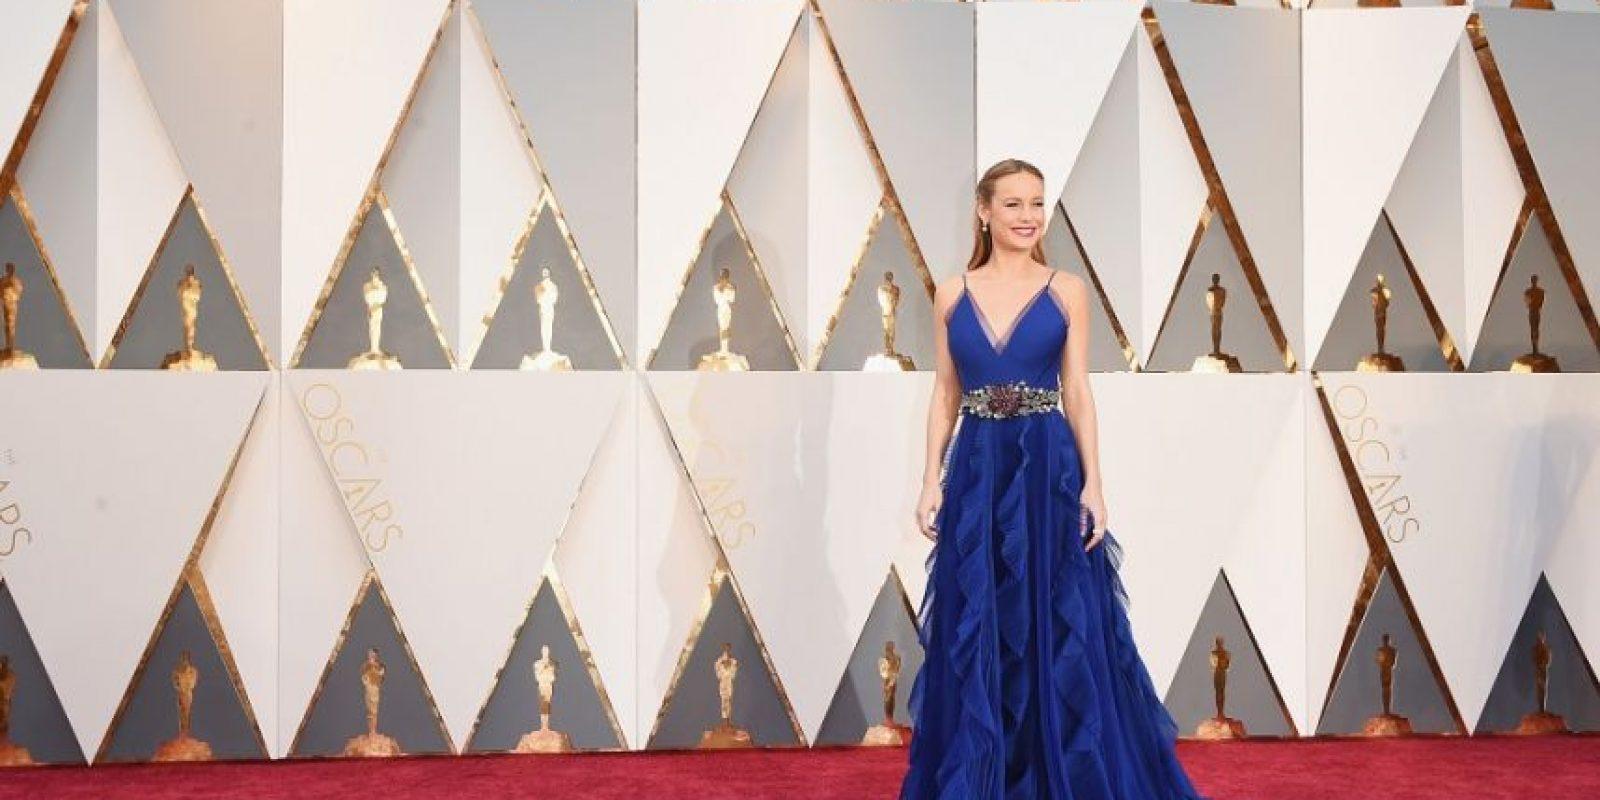 Brie Larson, vestida de Gucci con joyas de Niwaka, se alzó con el premio a Mejor Actriz, pero su apariencia ya la había convertido en ganadora. Foto:Fuente externa